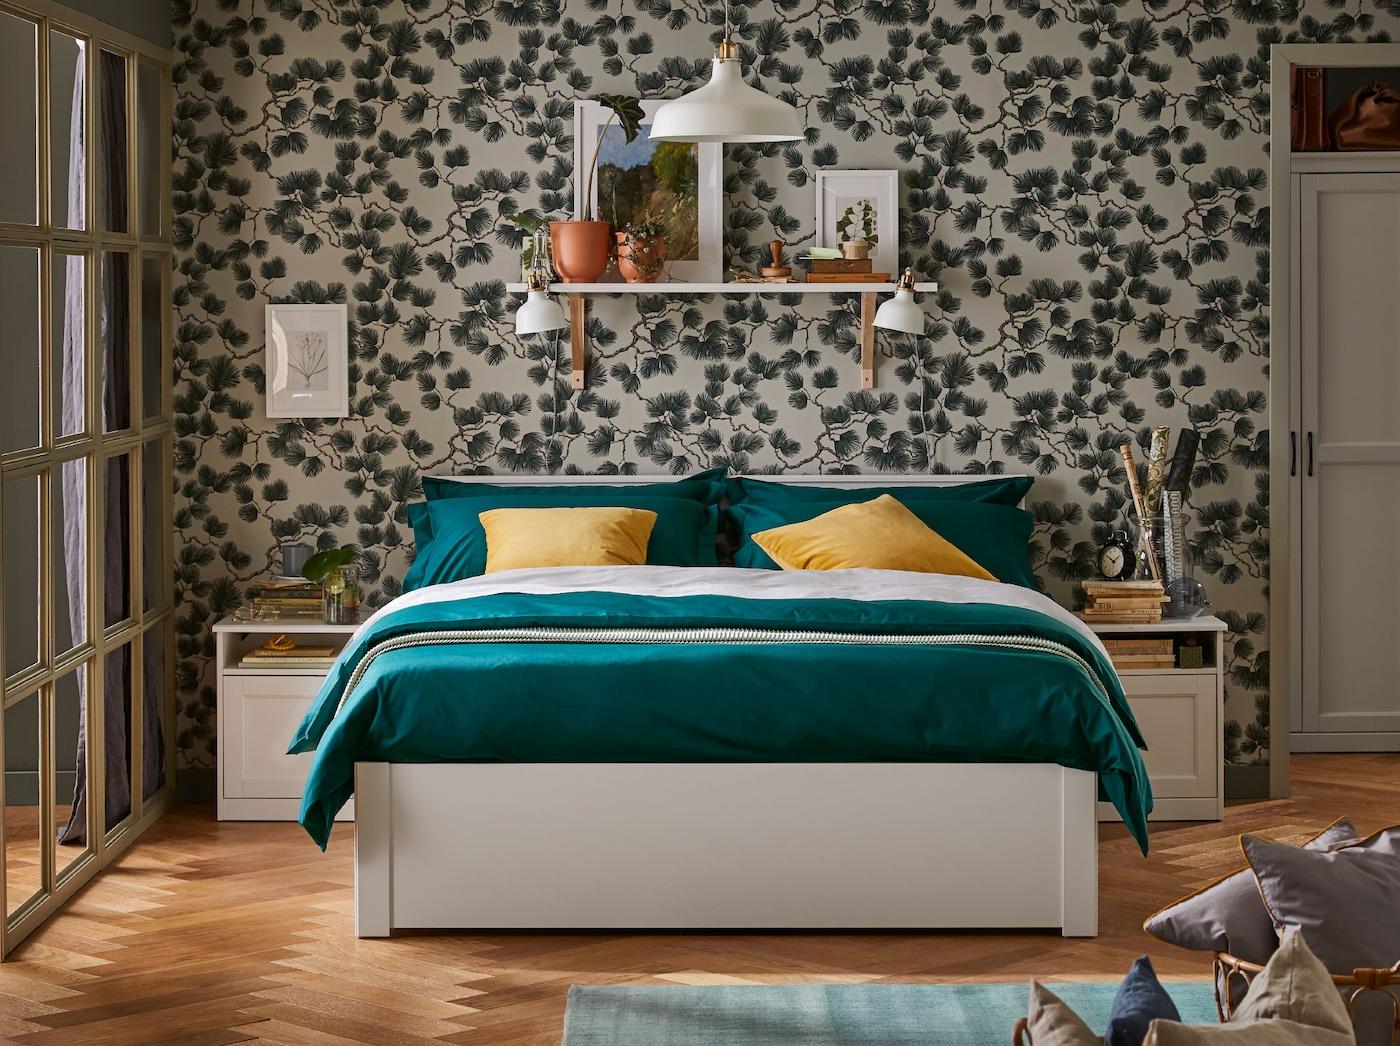 Dvojmiestna posteľ so zelenými posteľnými obliečkami a žltnými vankúšmi. Za ňou je nástenná polica a nad ňou je závesná lampa.